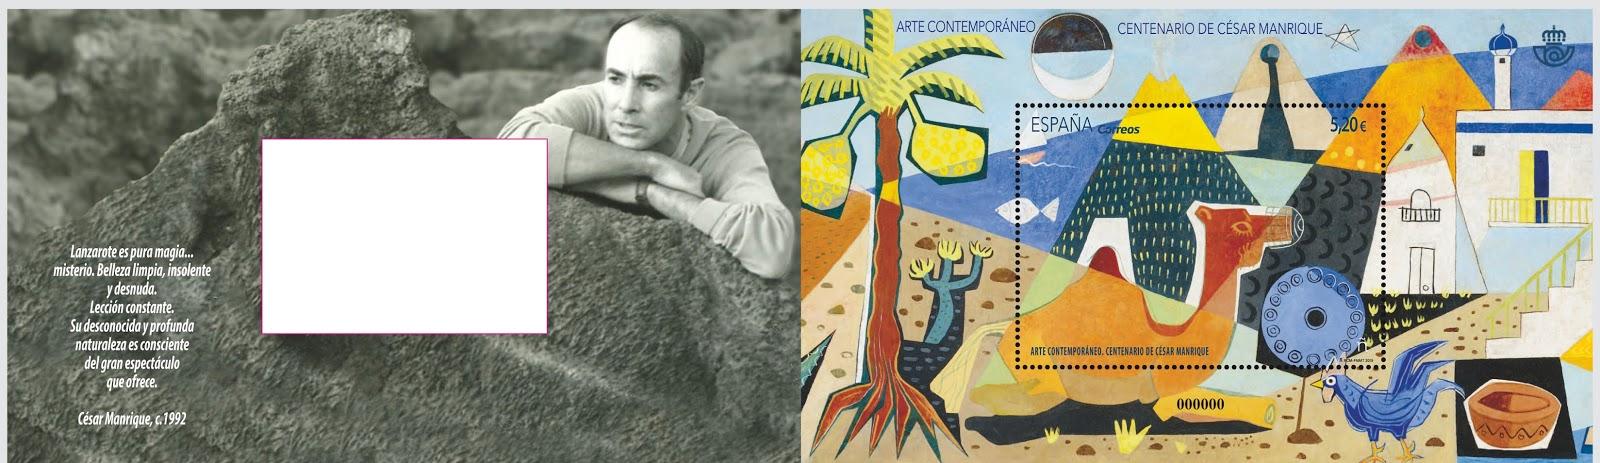 Centenario de César Manrique